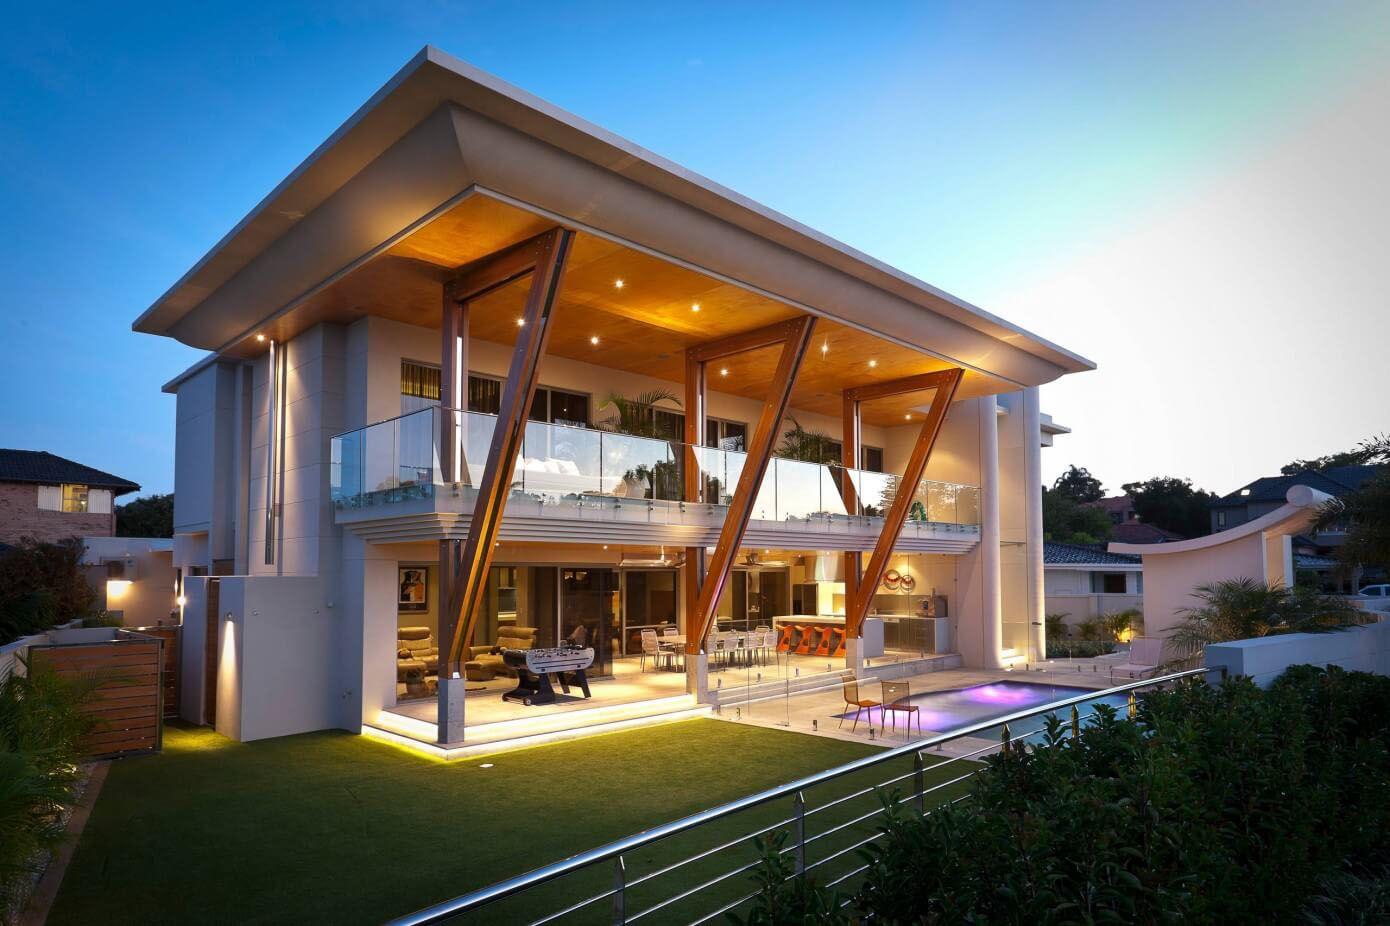 двухэтажный дом со сдвинутой крышей